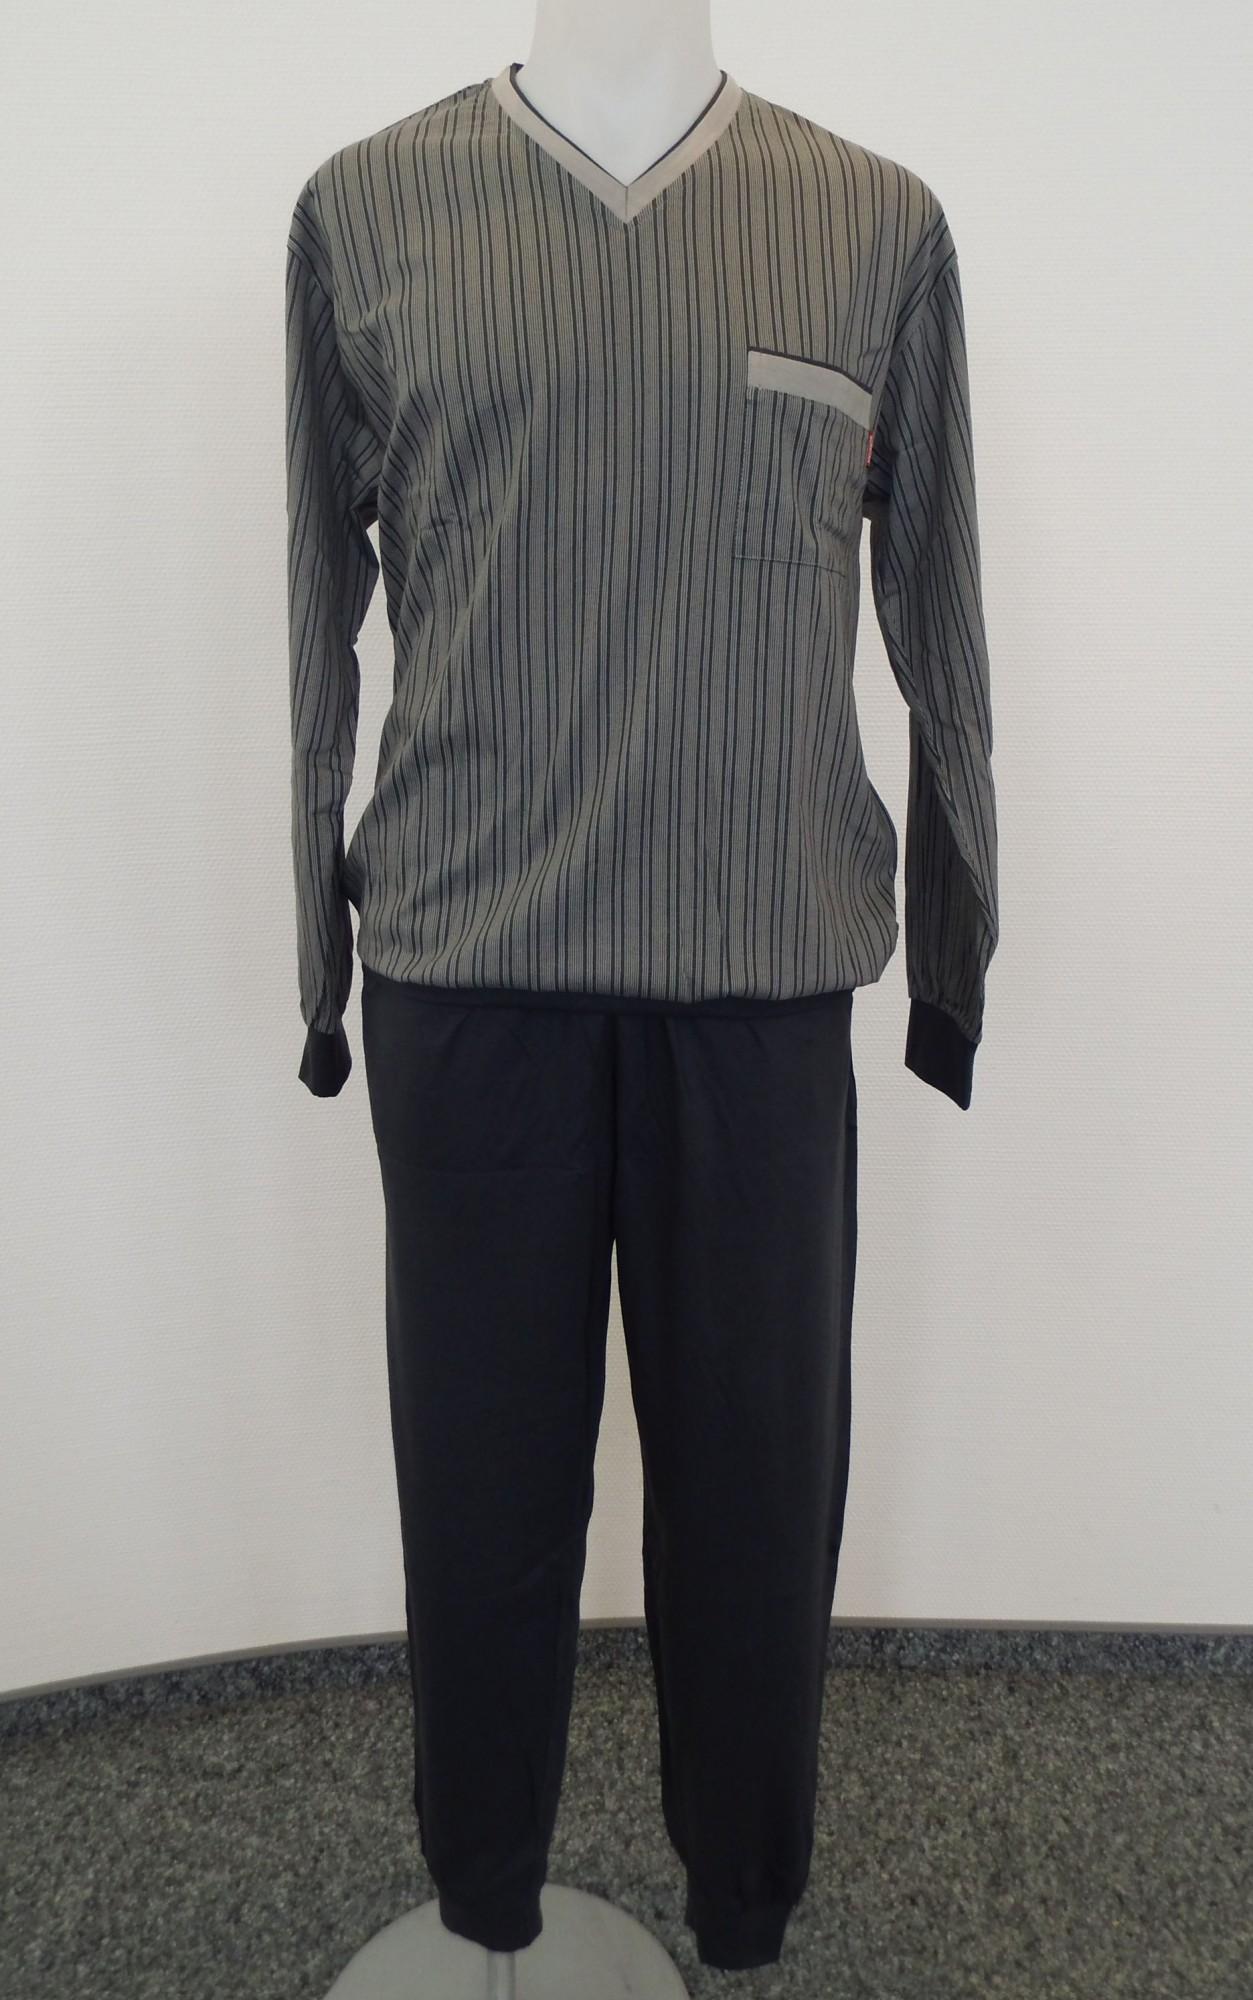 Herren Schlafanzug Pyjama mit Bündchen, gestreift, V-Hals 101 90 410 001